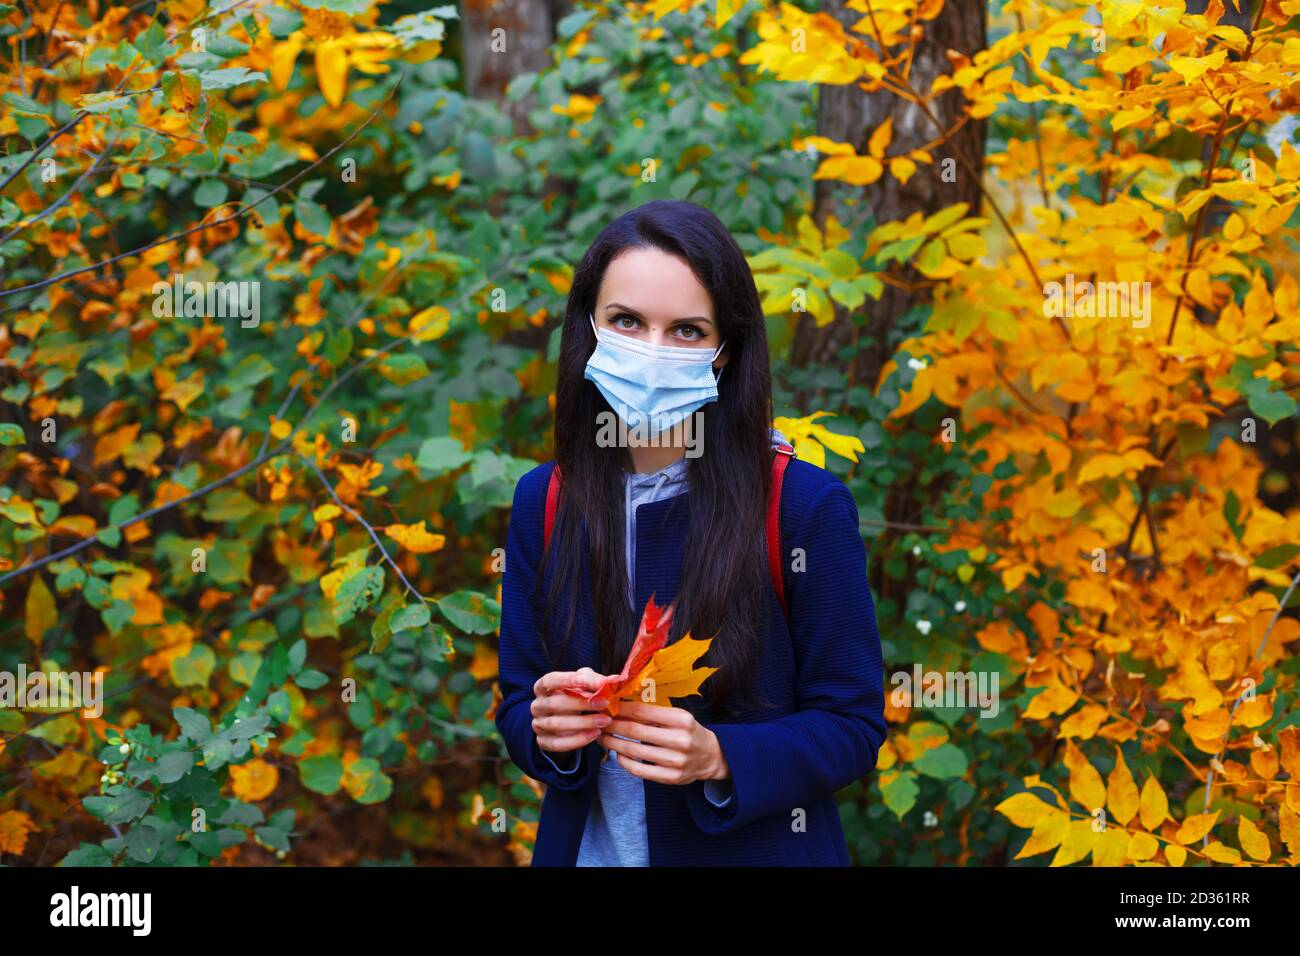 Schöne Frau in Schutzmaske hält Ahornblätter in bunten Herbstwald. Neues normales Konzept. Stockfoto